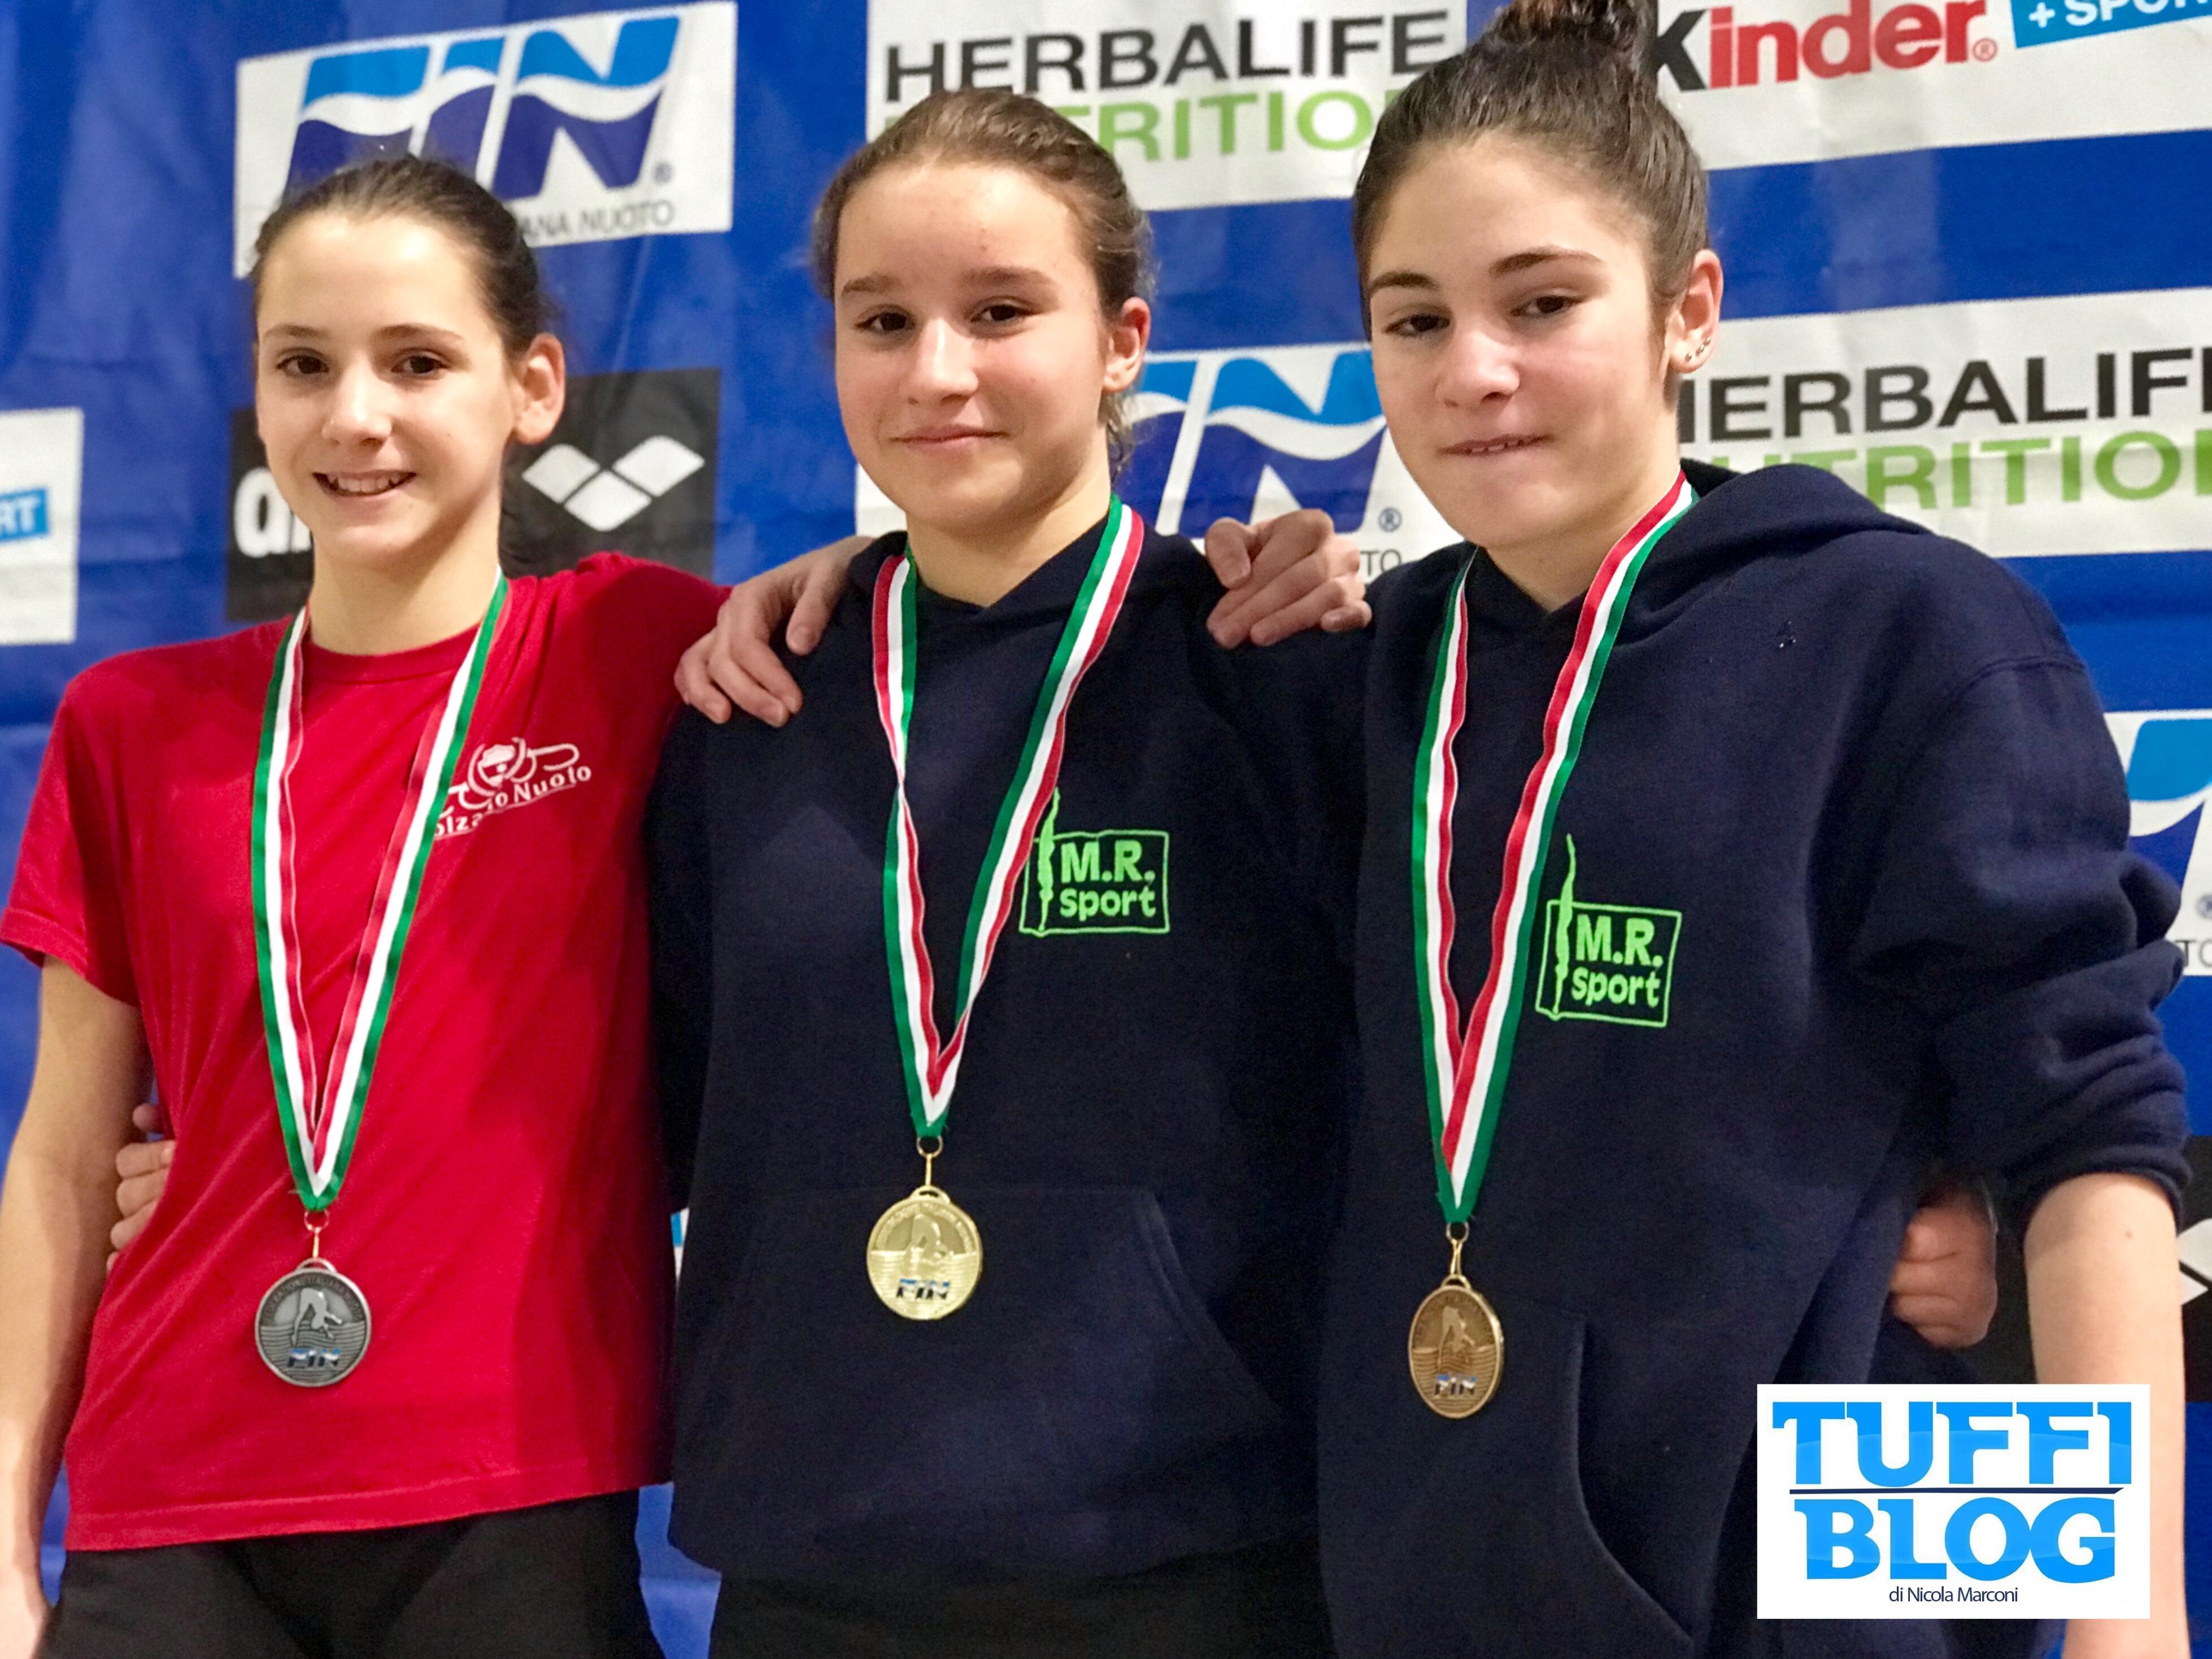 Prima Prova Nazionale Giovanissimi: Trieste - seconda giornata, i risultati del pomeriggio